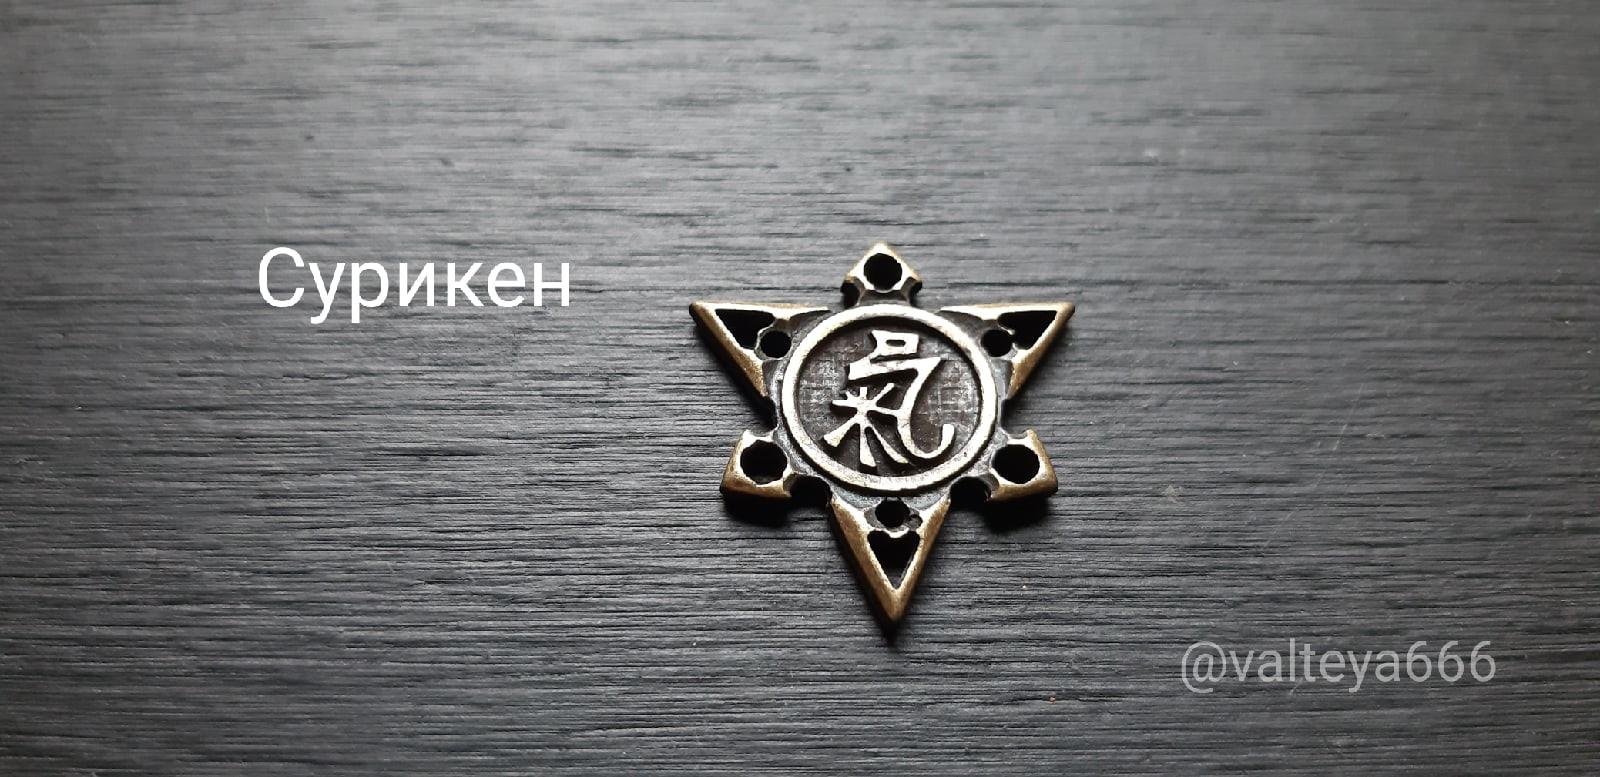 киев - Амулеты, талисманы, обереги из металла. - Страница 2 GLBVj1cXwd0